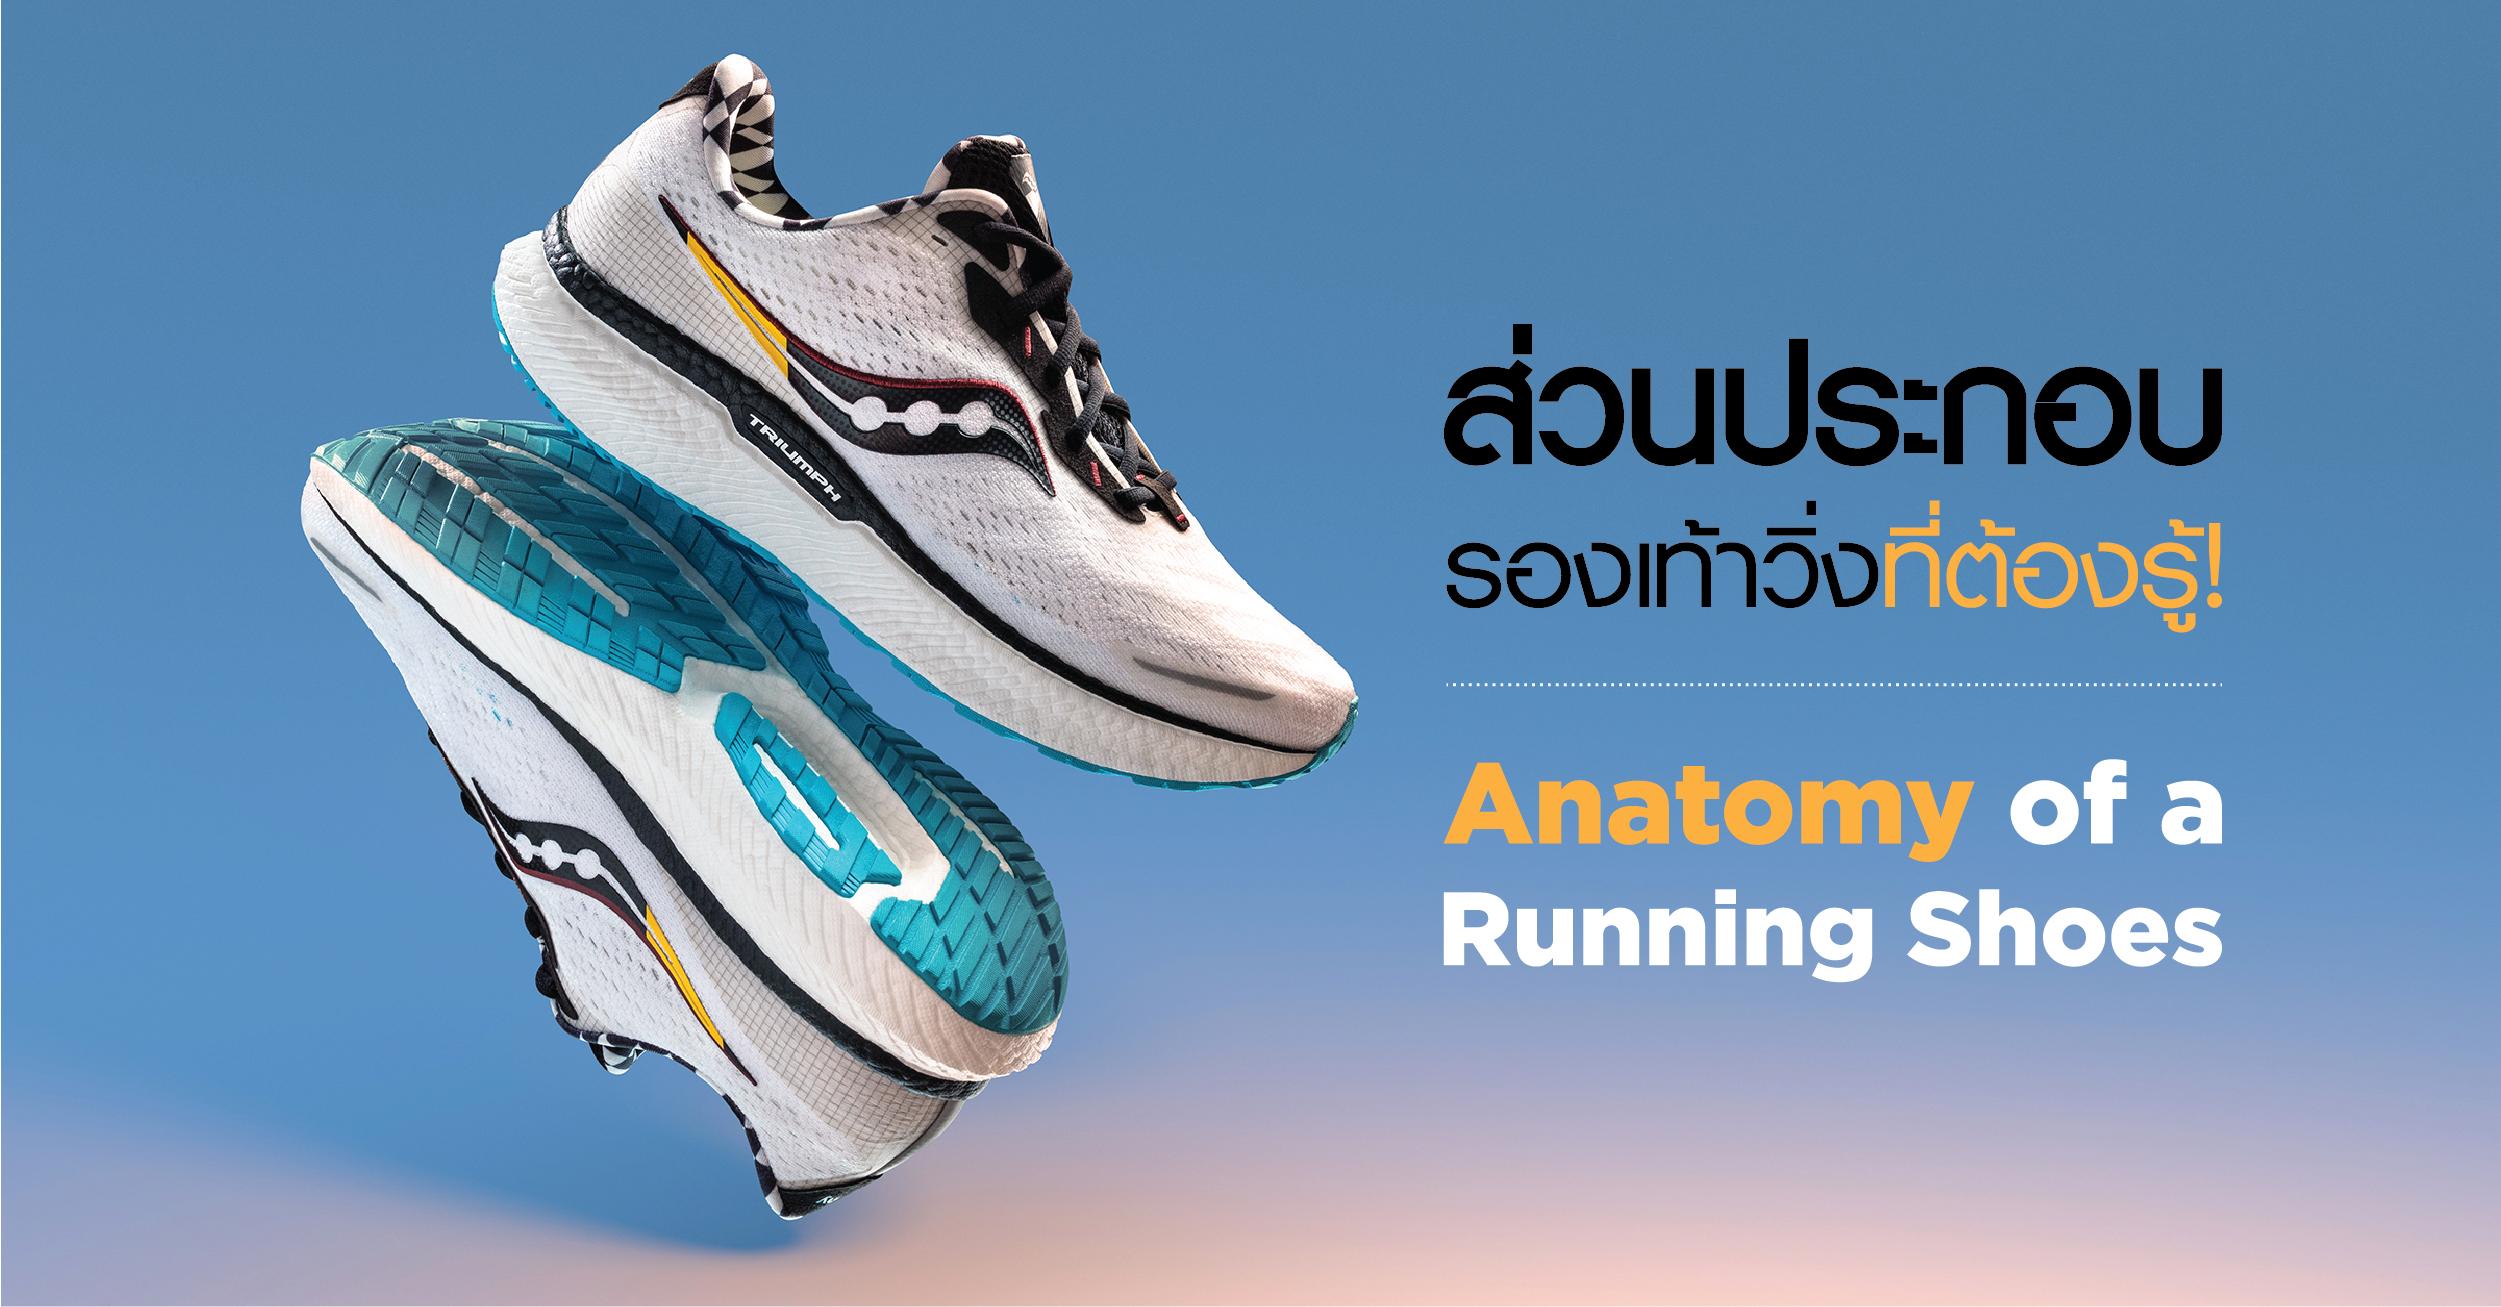 คู่มือซื้อรองเท้าวิ่ง : มารู้จักกับส่วนต่างๆ ของรองเท้าวิ่งกันเถอะ